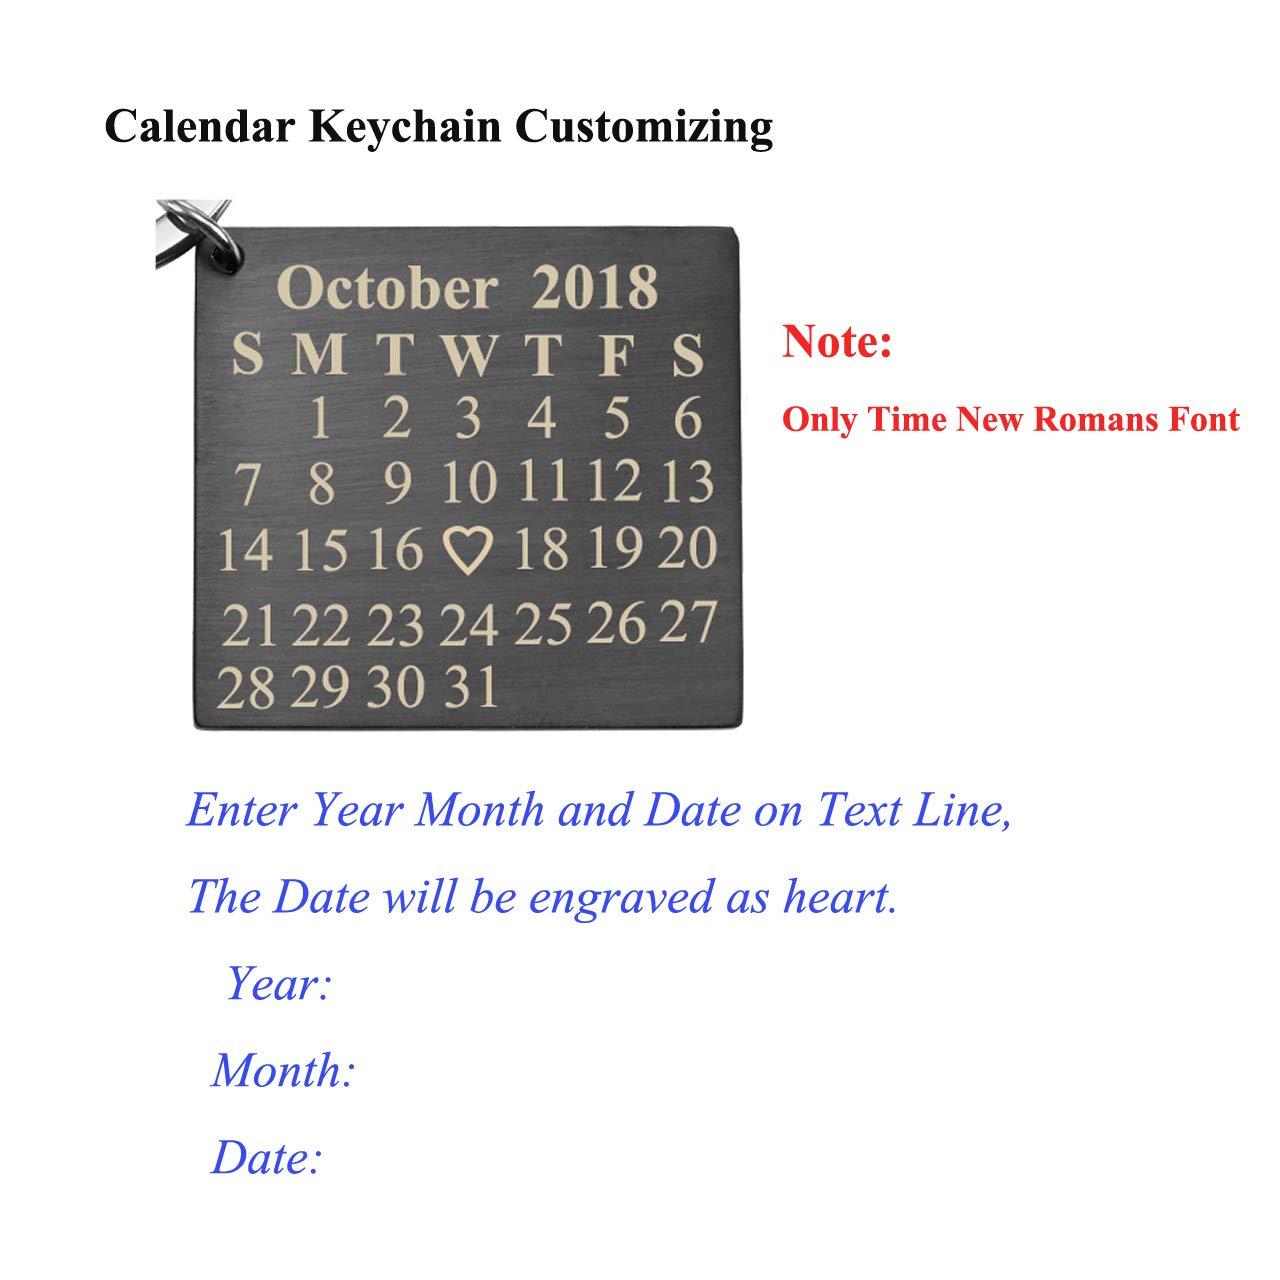 Amazon.com: Jovivi - Llavero personalizado con calendario ...